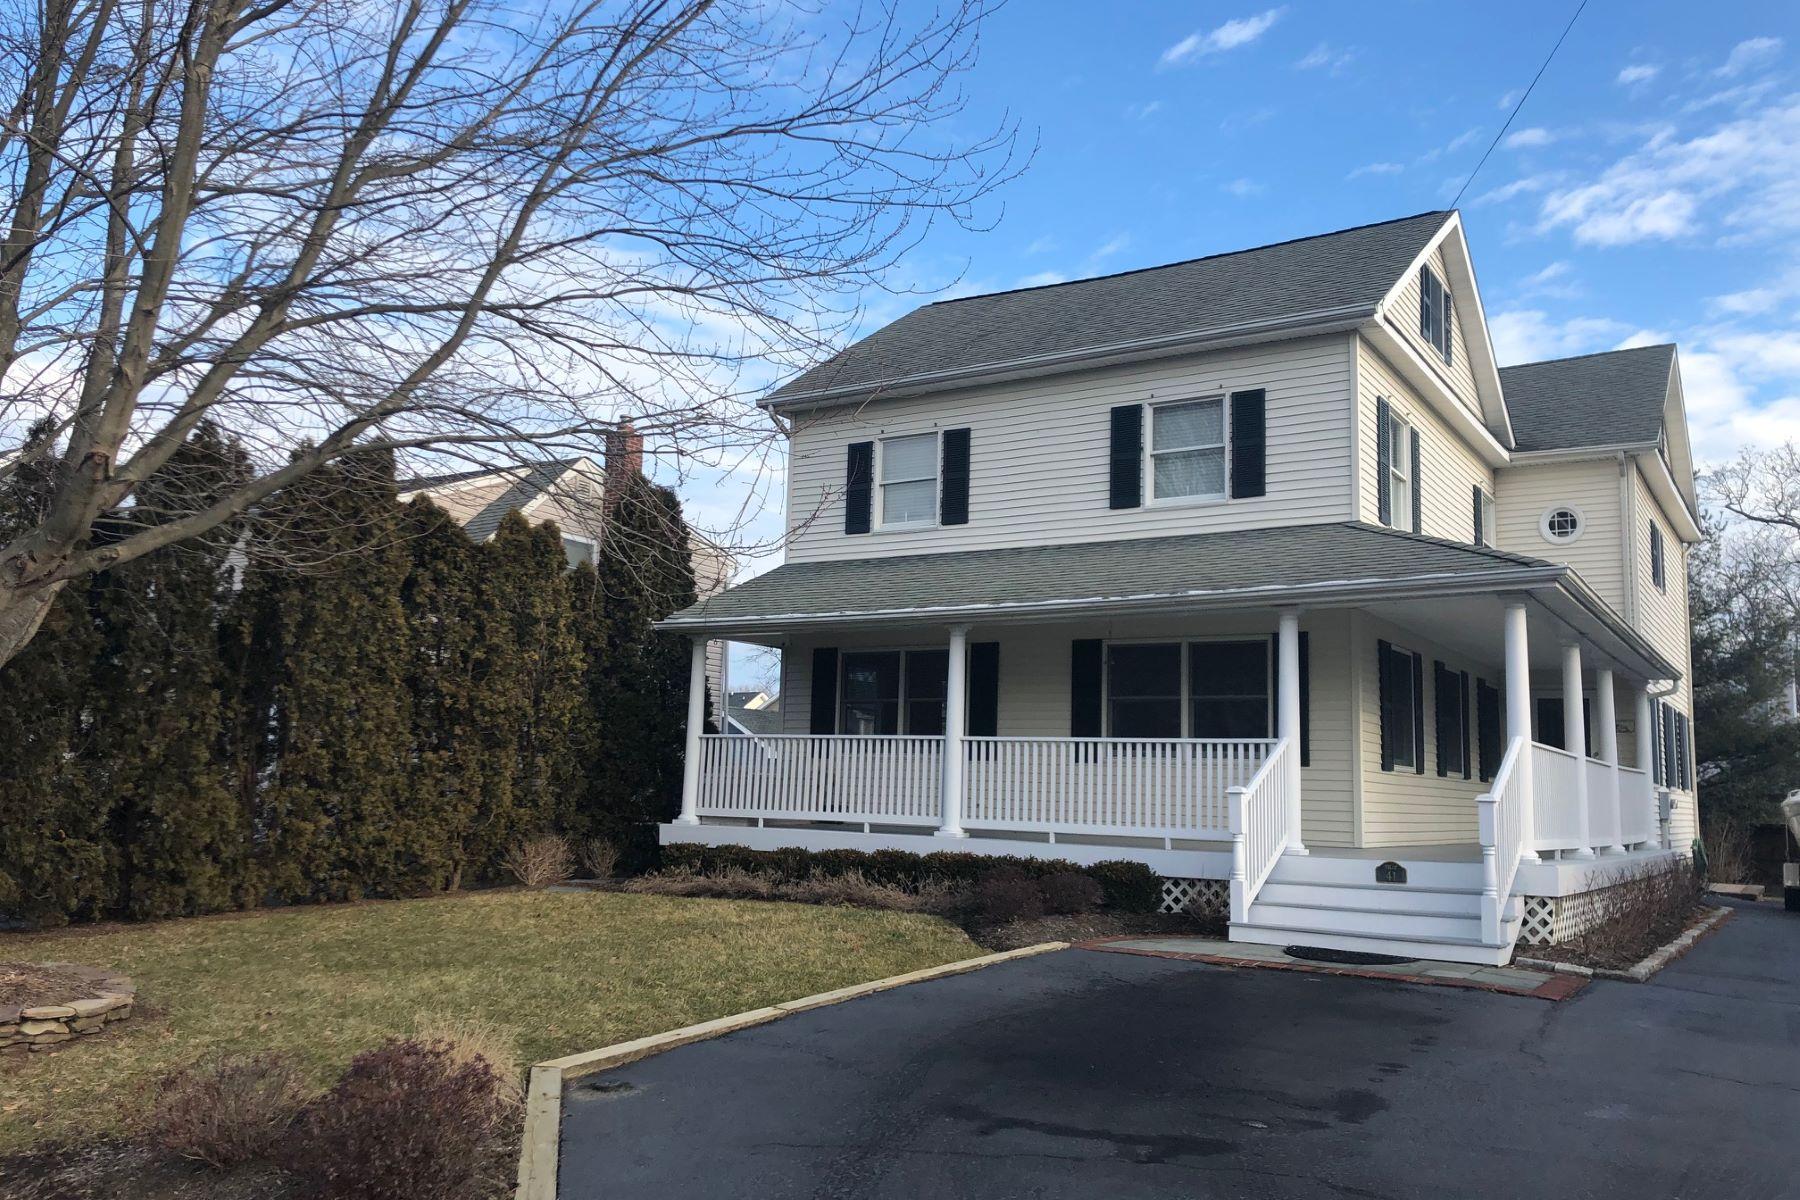 Villa per Vendita alle ore Fair Haven Colonial 41 William St, Fair Haven, New Jersey 07704 Stati Uniti